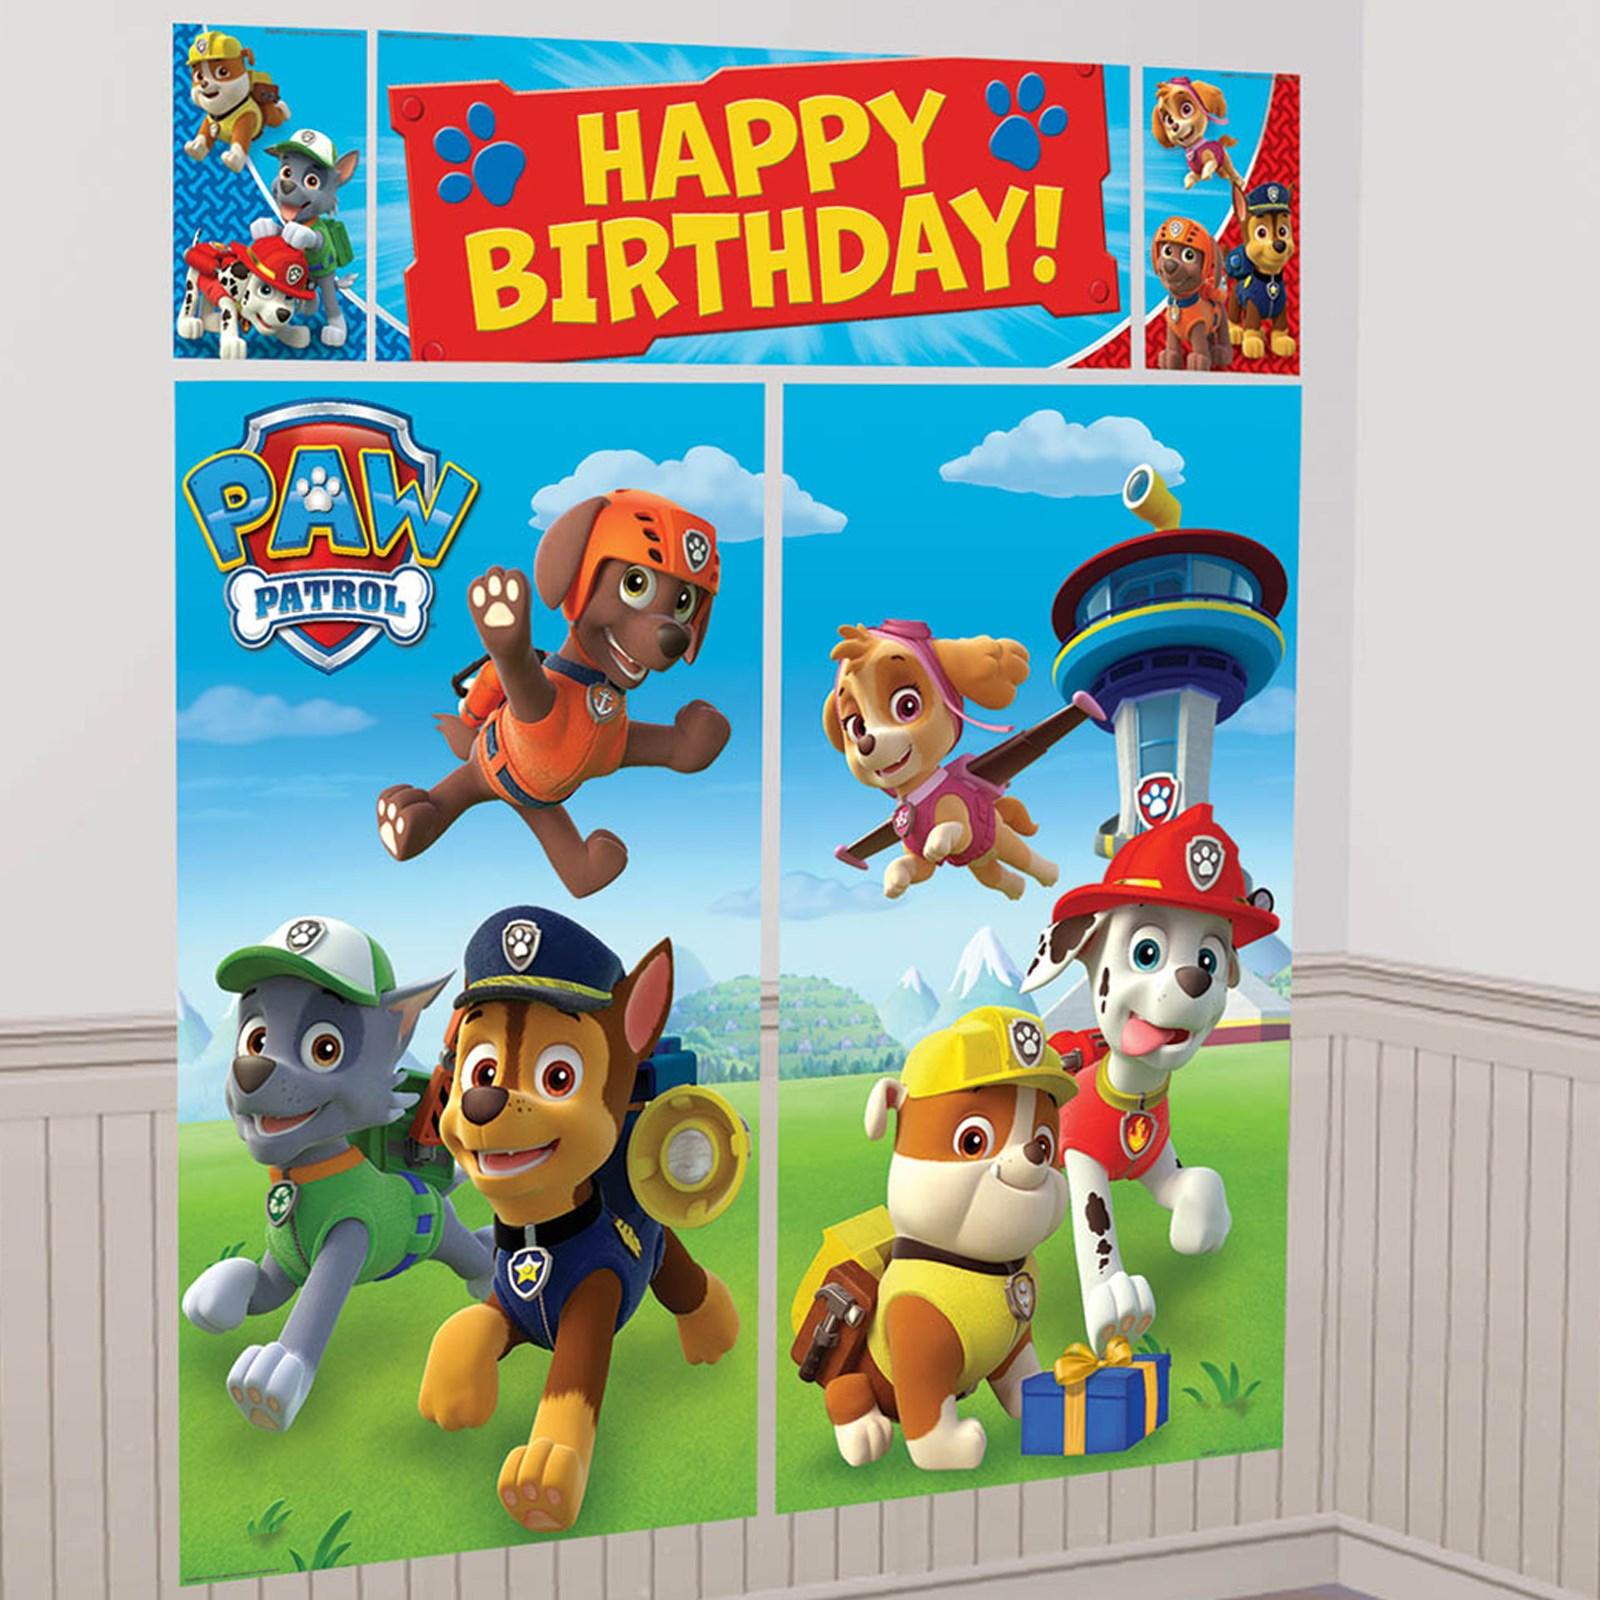 PAW Patrol Scene Setter BirthdayExpresscom